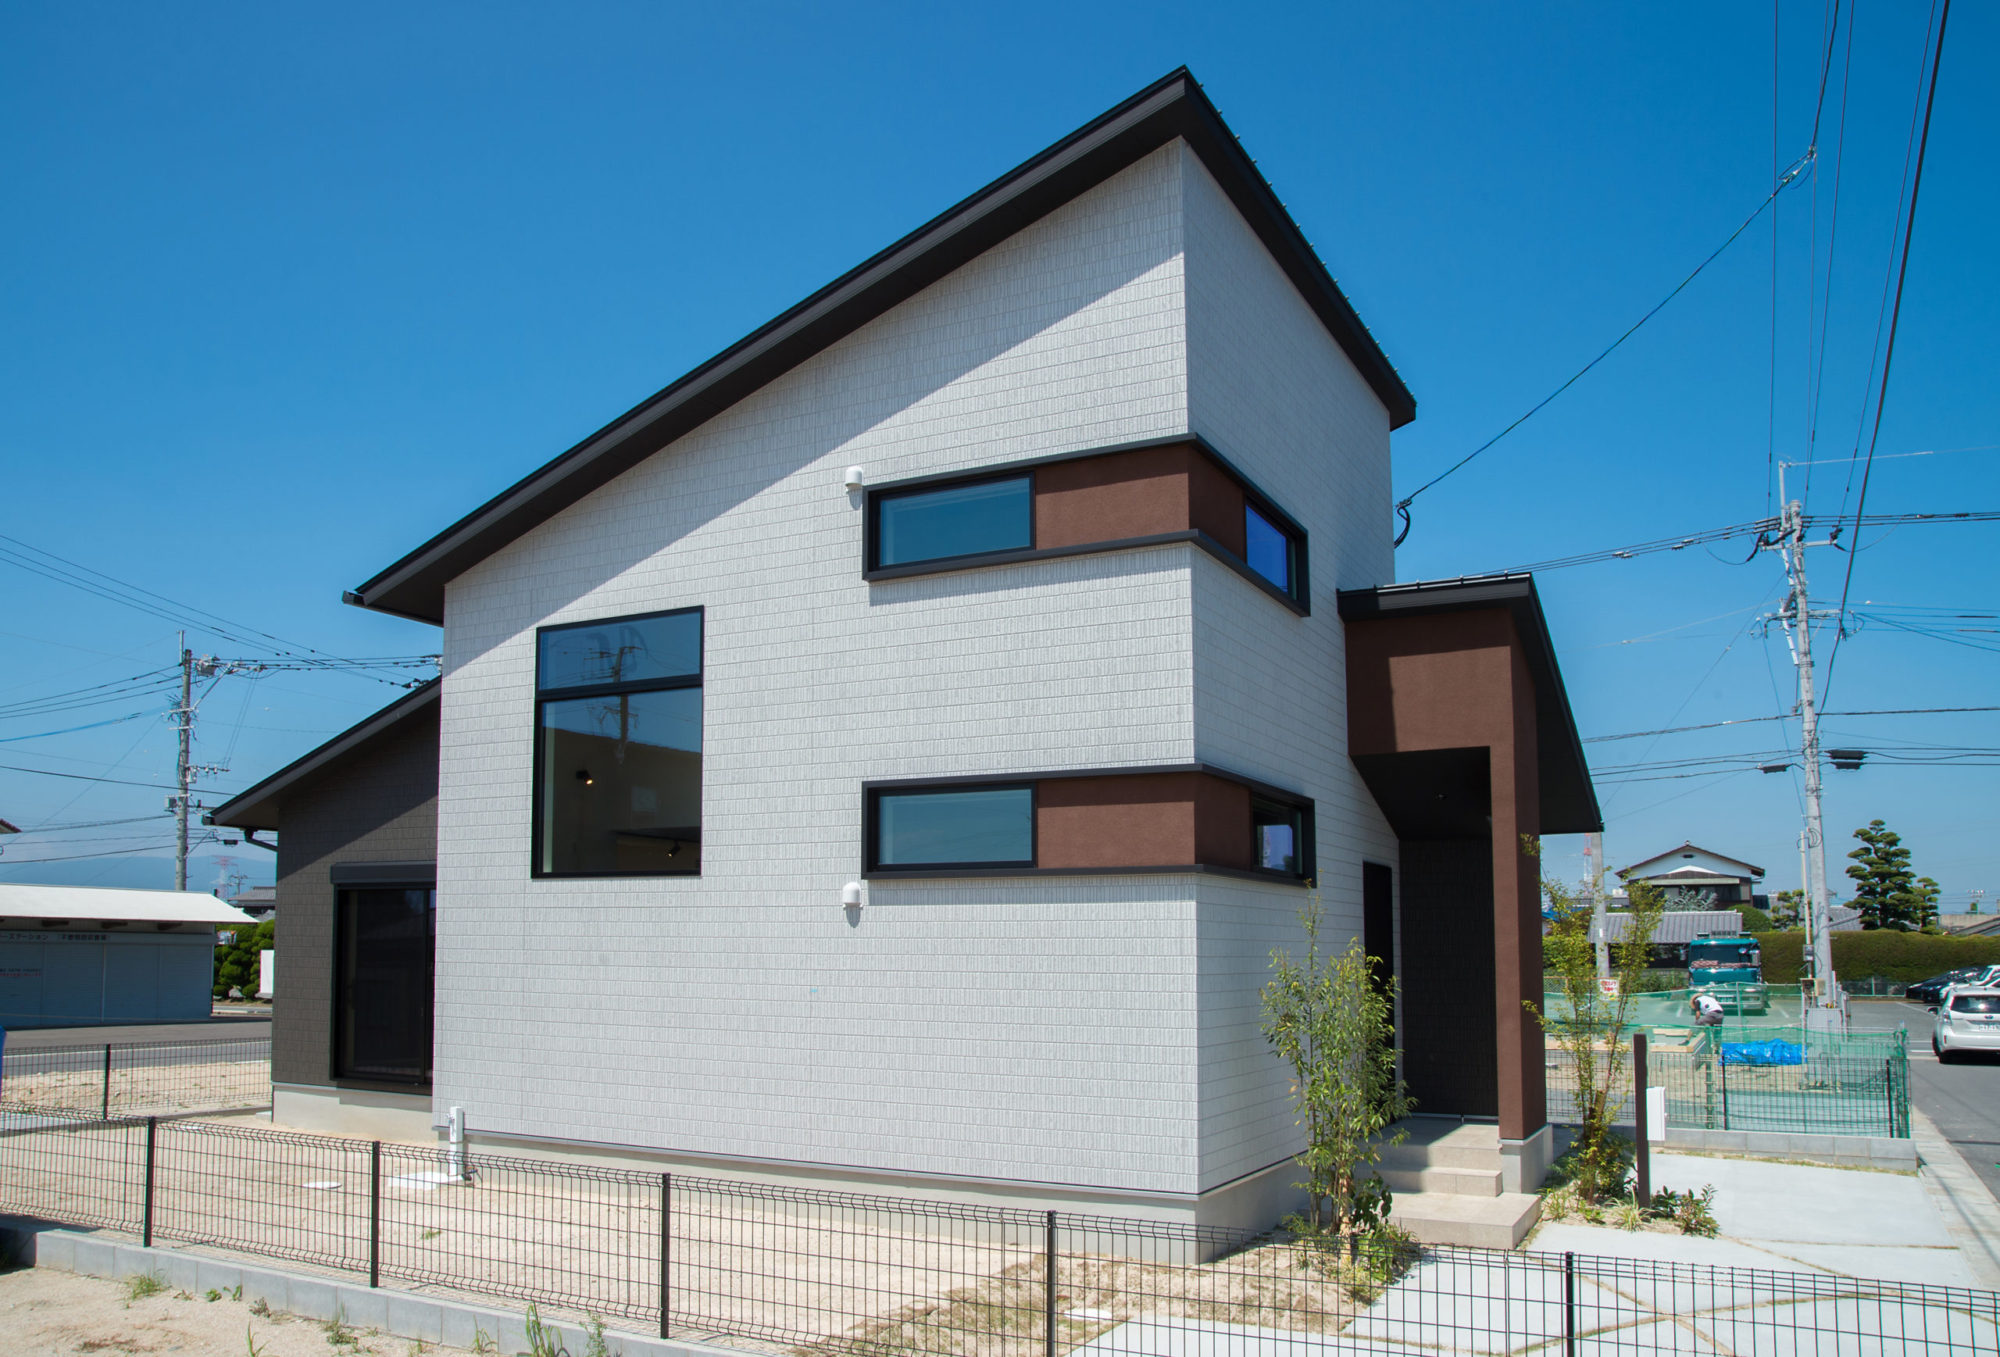 【東小田Ⅰ】朝倉郡筑前町 NO.2 CONCEPT HOUSE